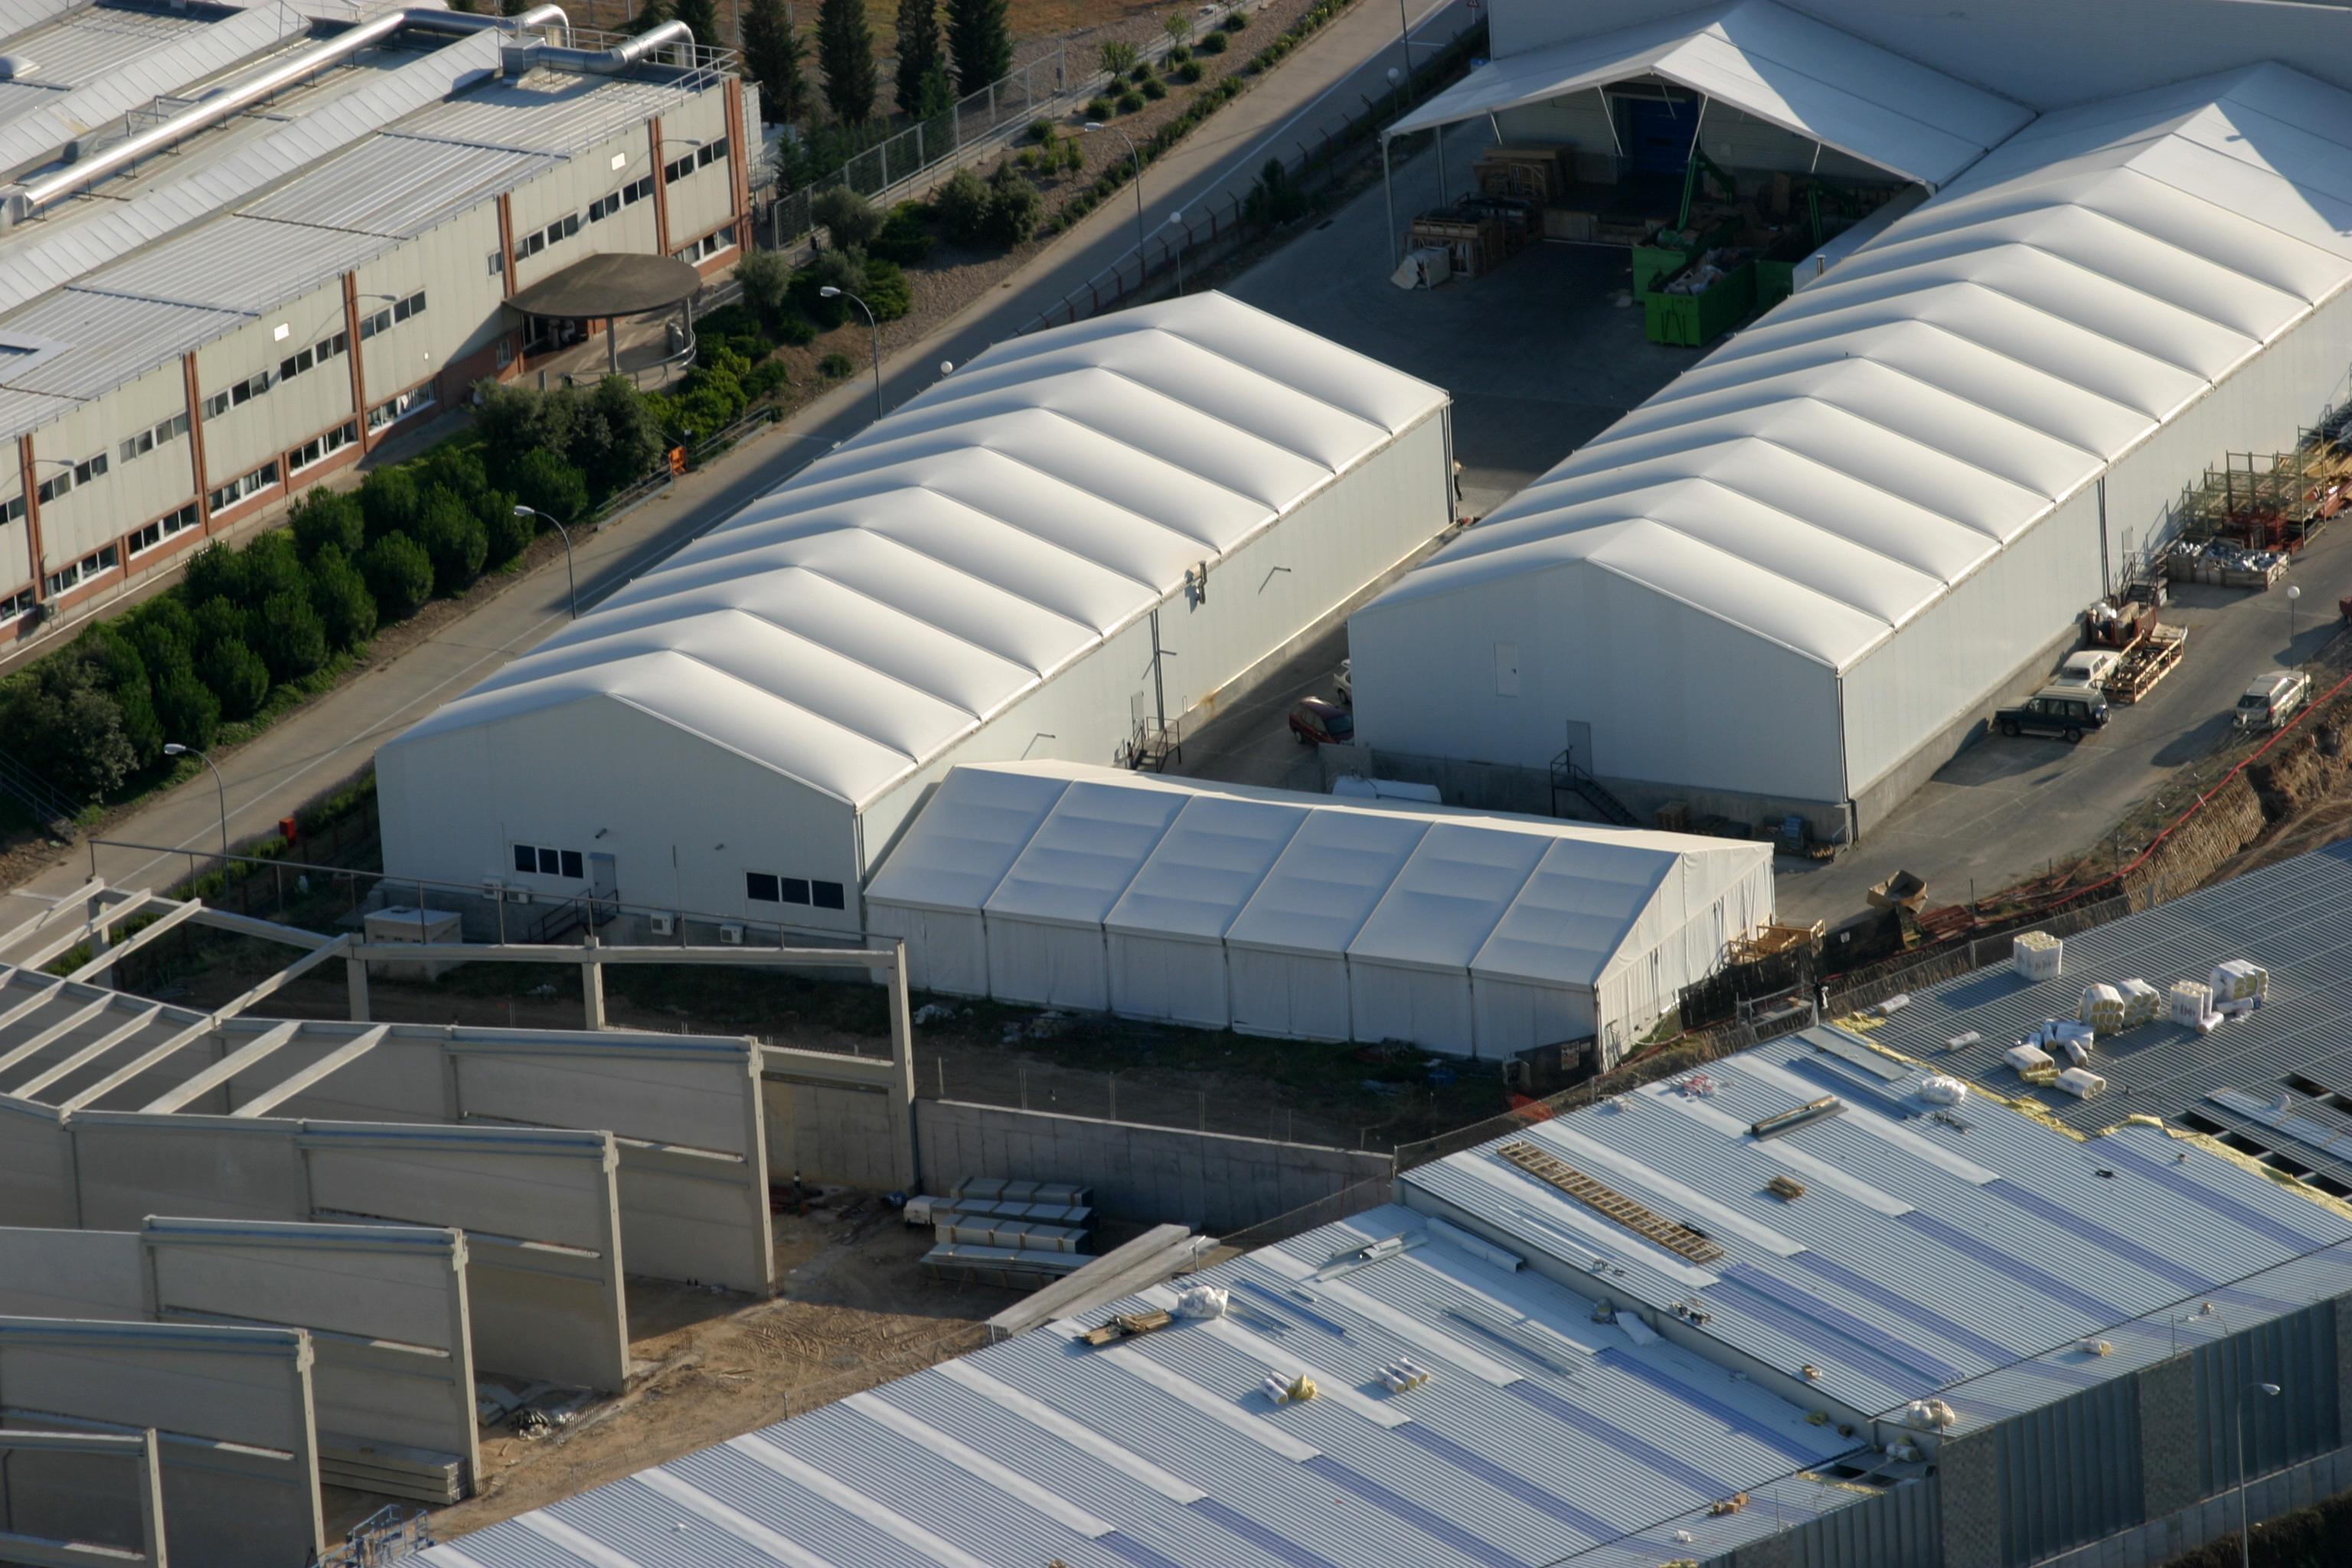 Bâtiments Industriels sont la réponse idéale pour l'installation de nouvelles chaînes de production,...